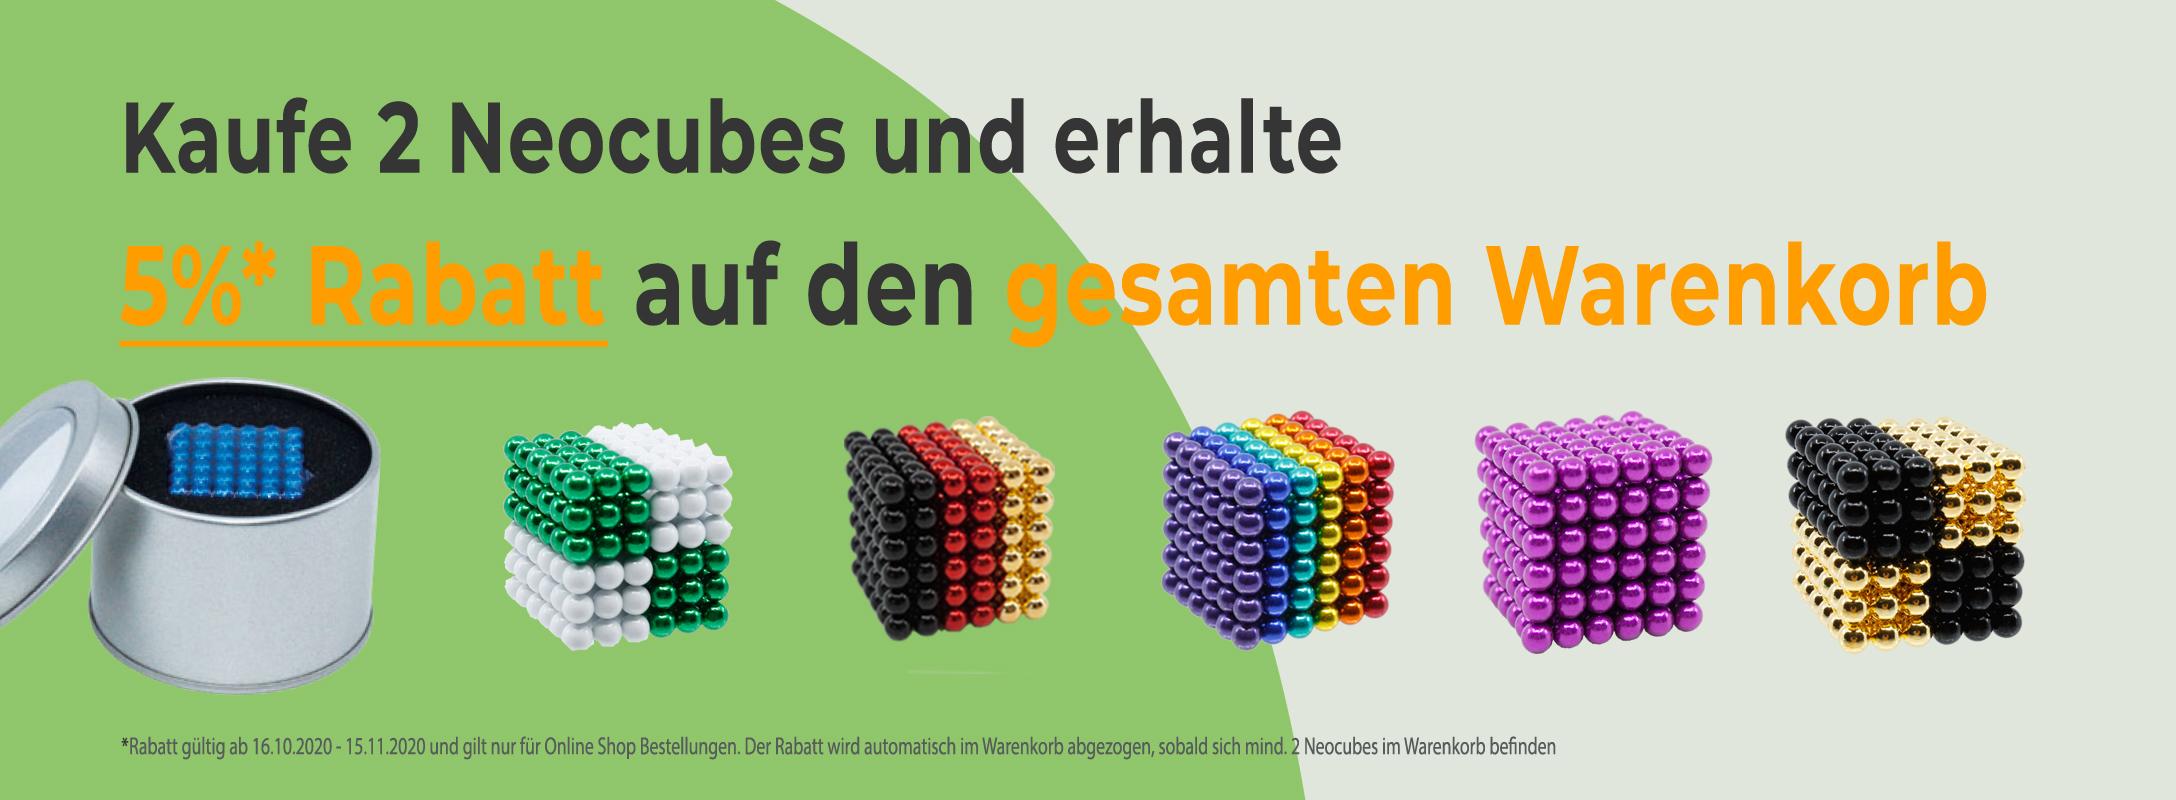 2 Neocubes kaufen und 5% Rabatt auf den gesamten Warenkorb erhalten